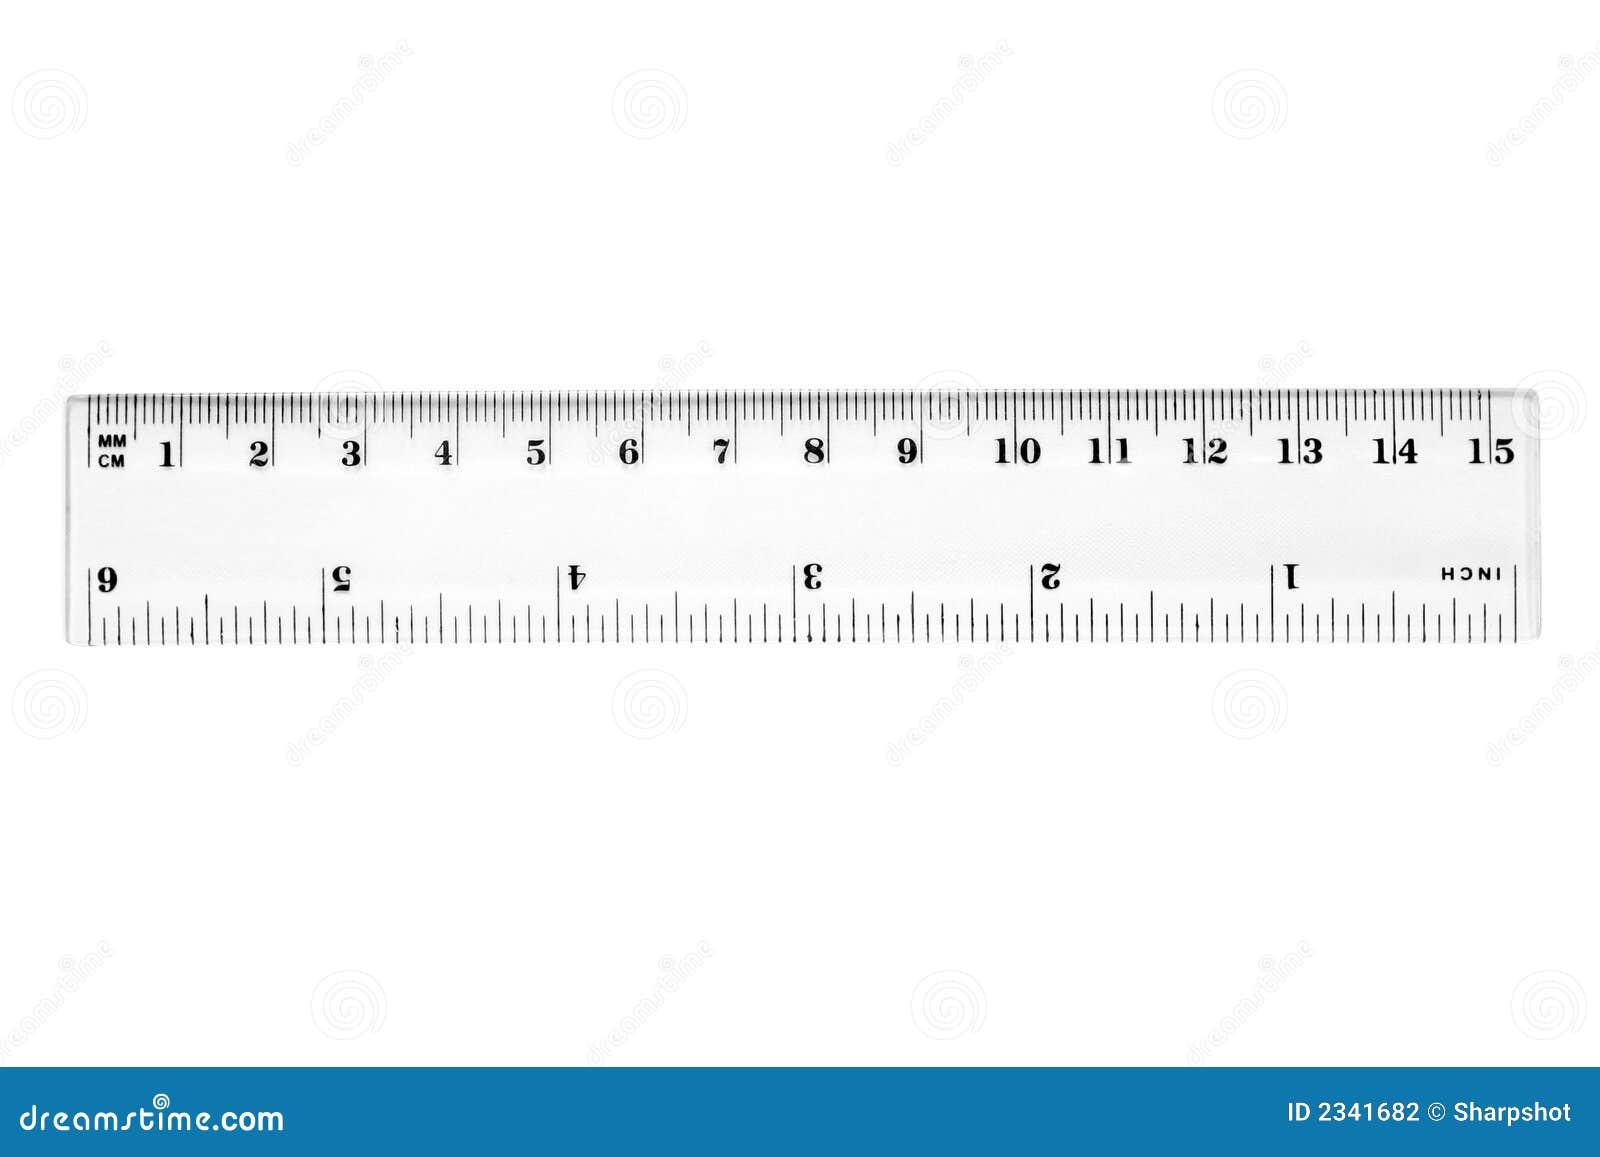 Uma régua de 15 cm.